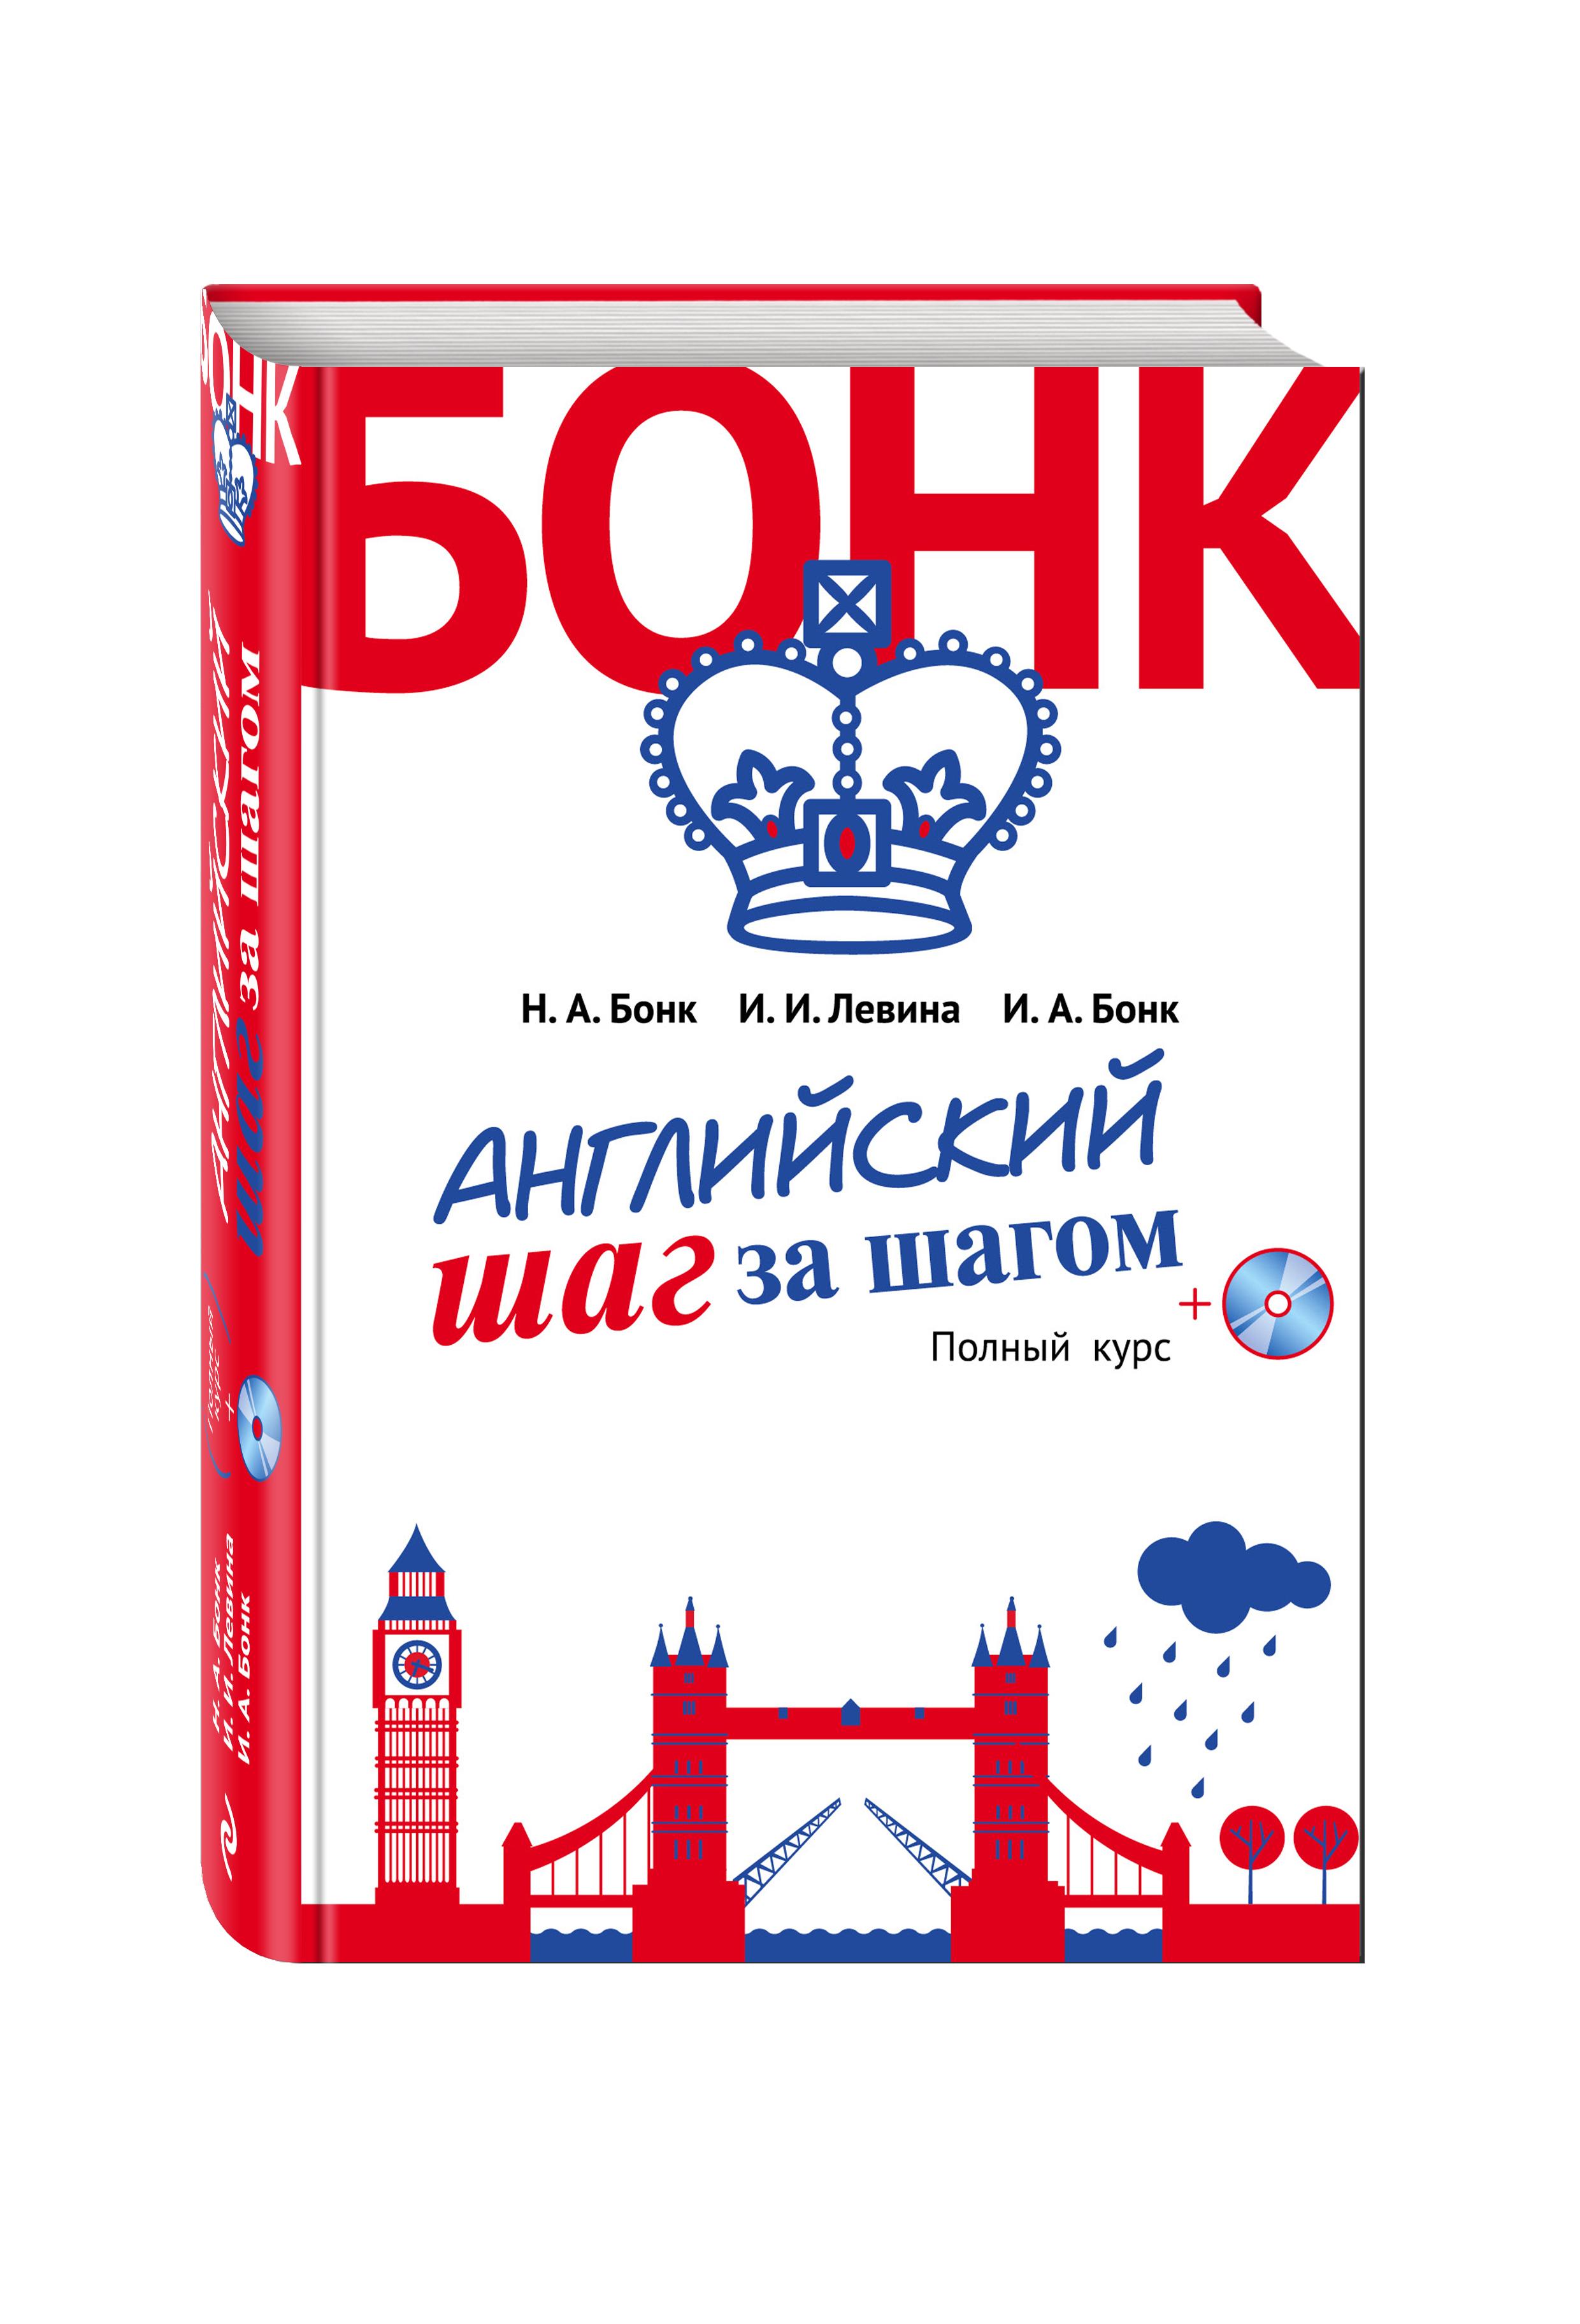 Н.А. Бонк, И.И. Левина, И.А. Бонк Английский шаг за шагом. Полный курс (+компакт-диск MP3) (оформление 2)